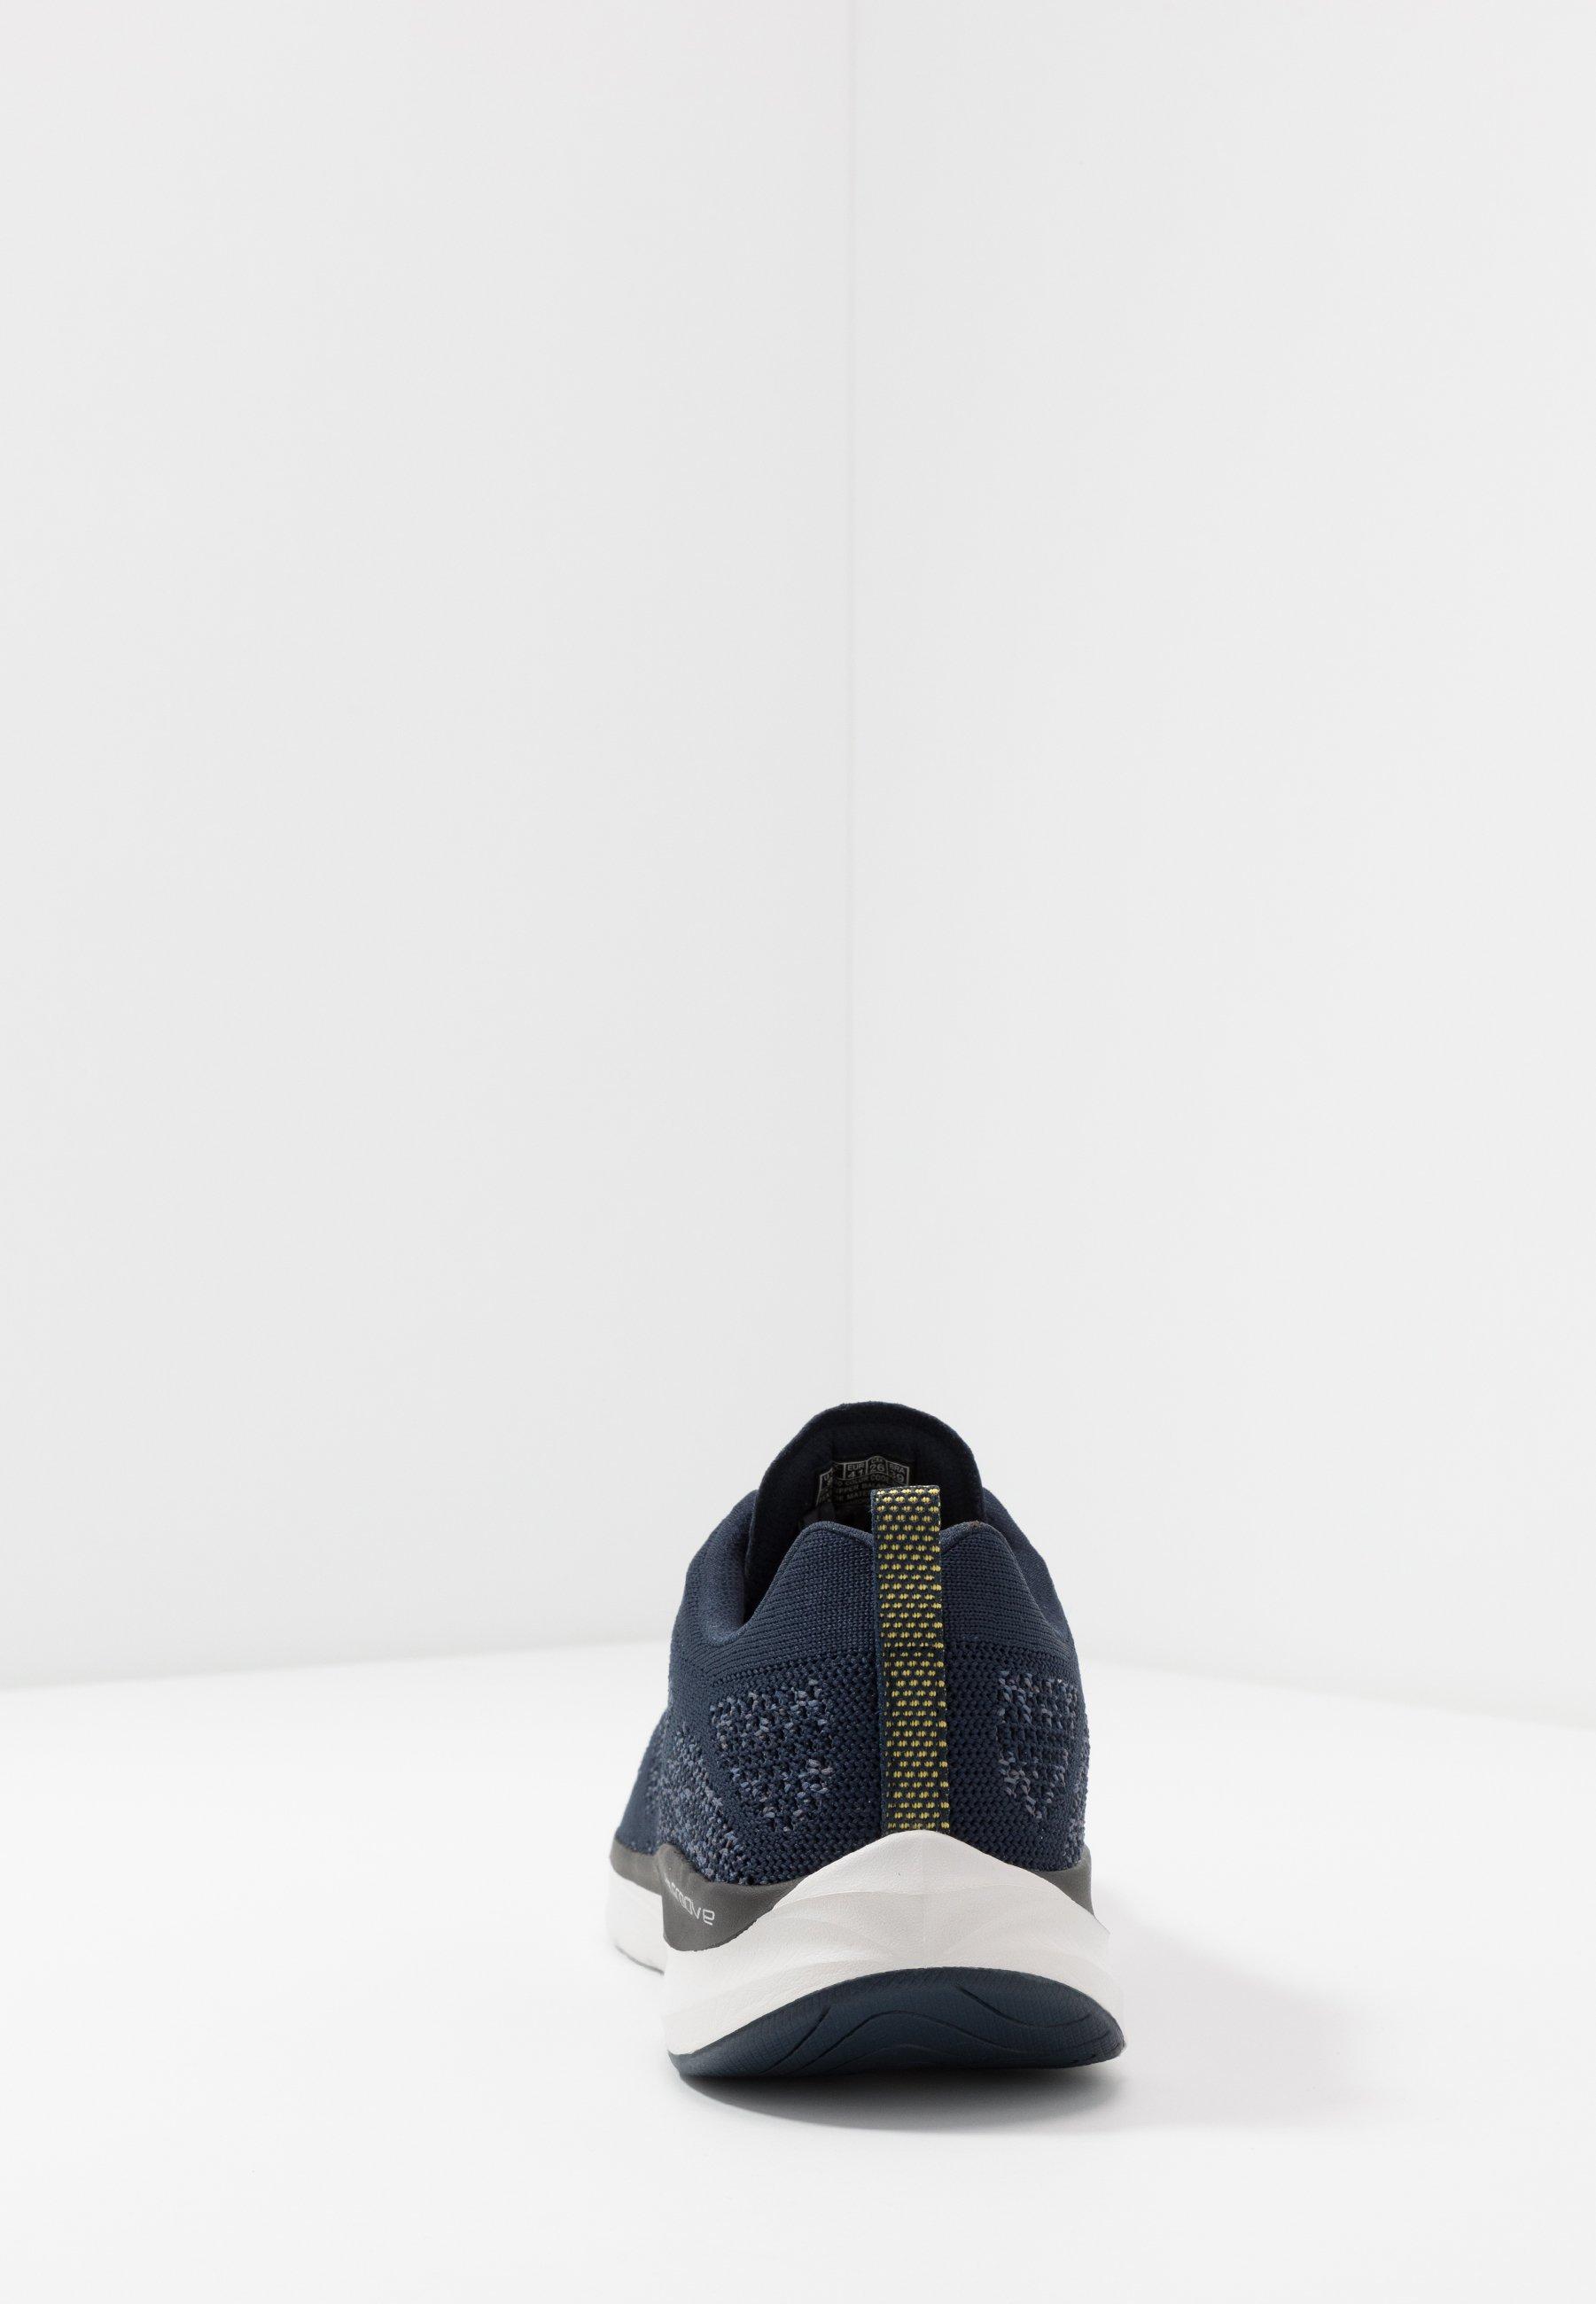 Skechers Sport Ultra Groove - Sneakers Laag Navy